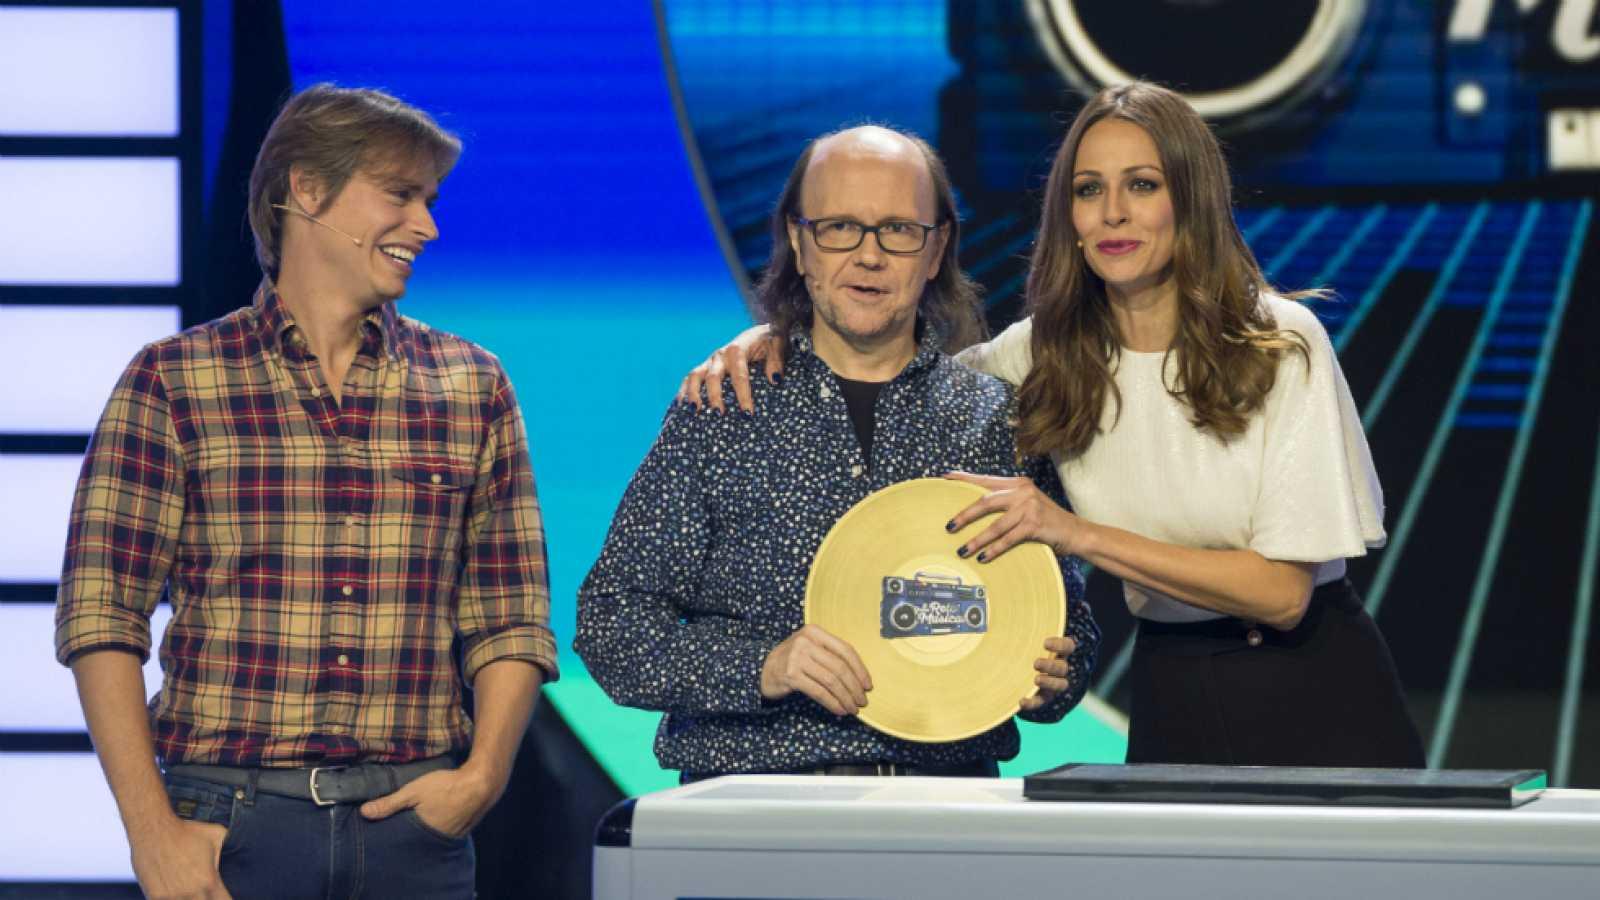 El gran reto musical - Santiago Segura, ganador del primer gran reto musical